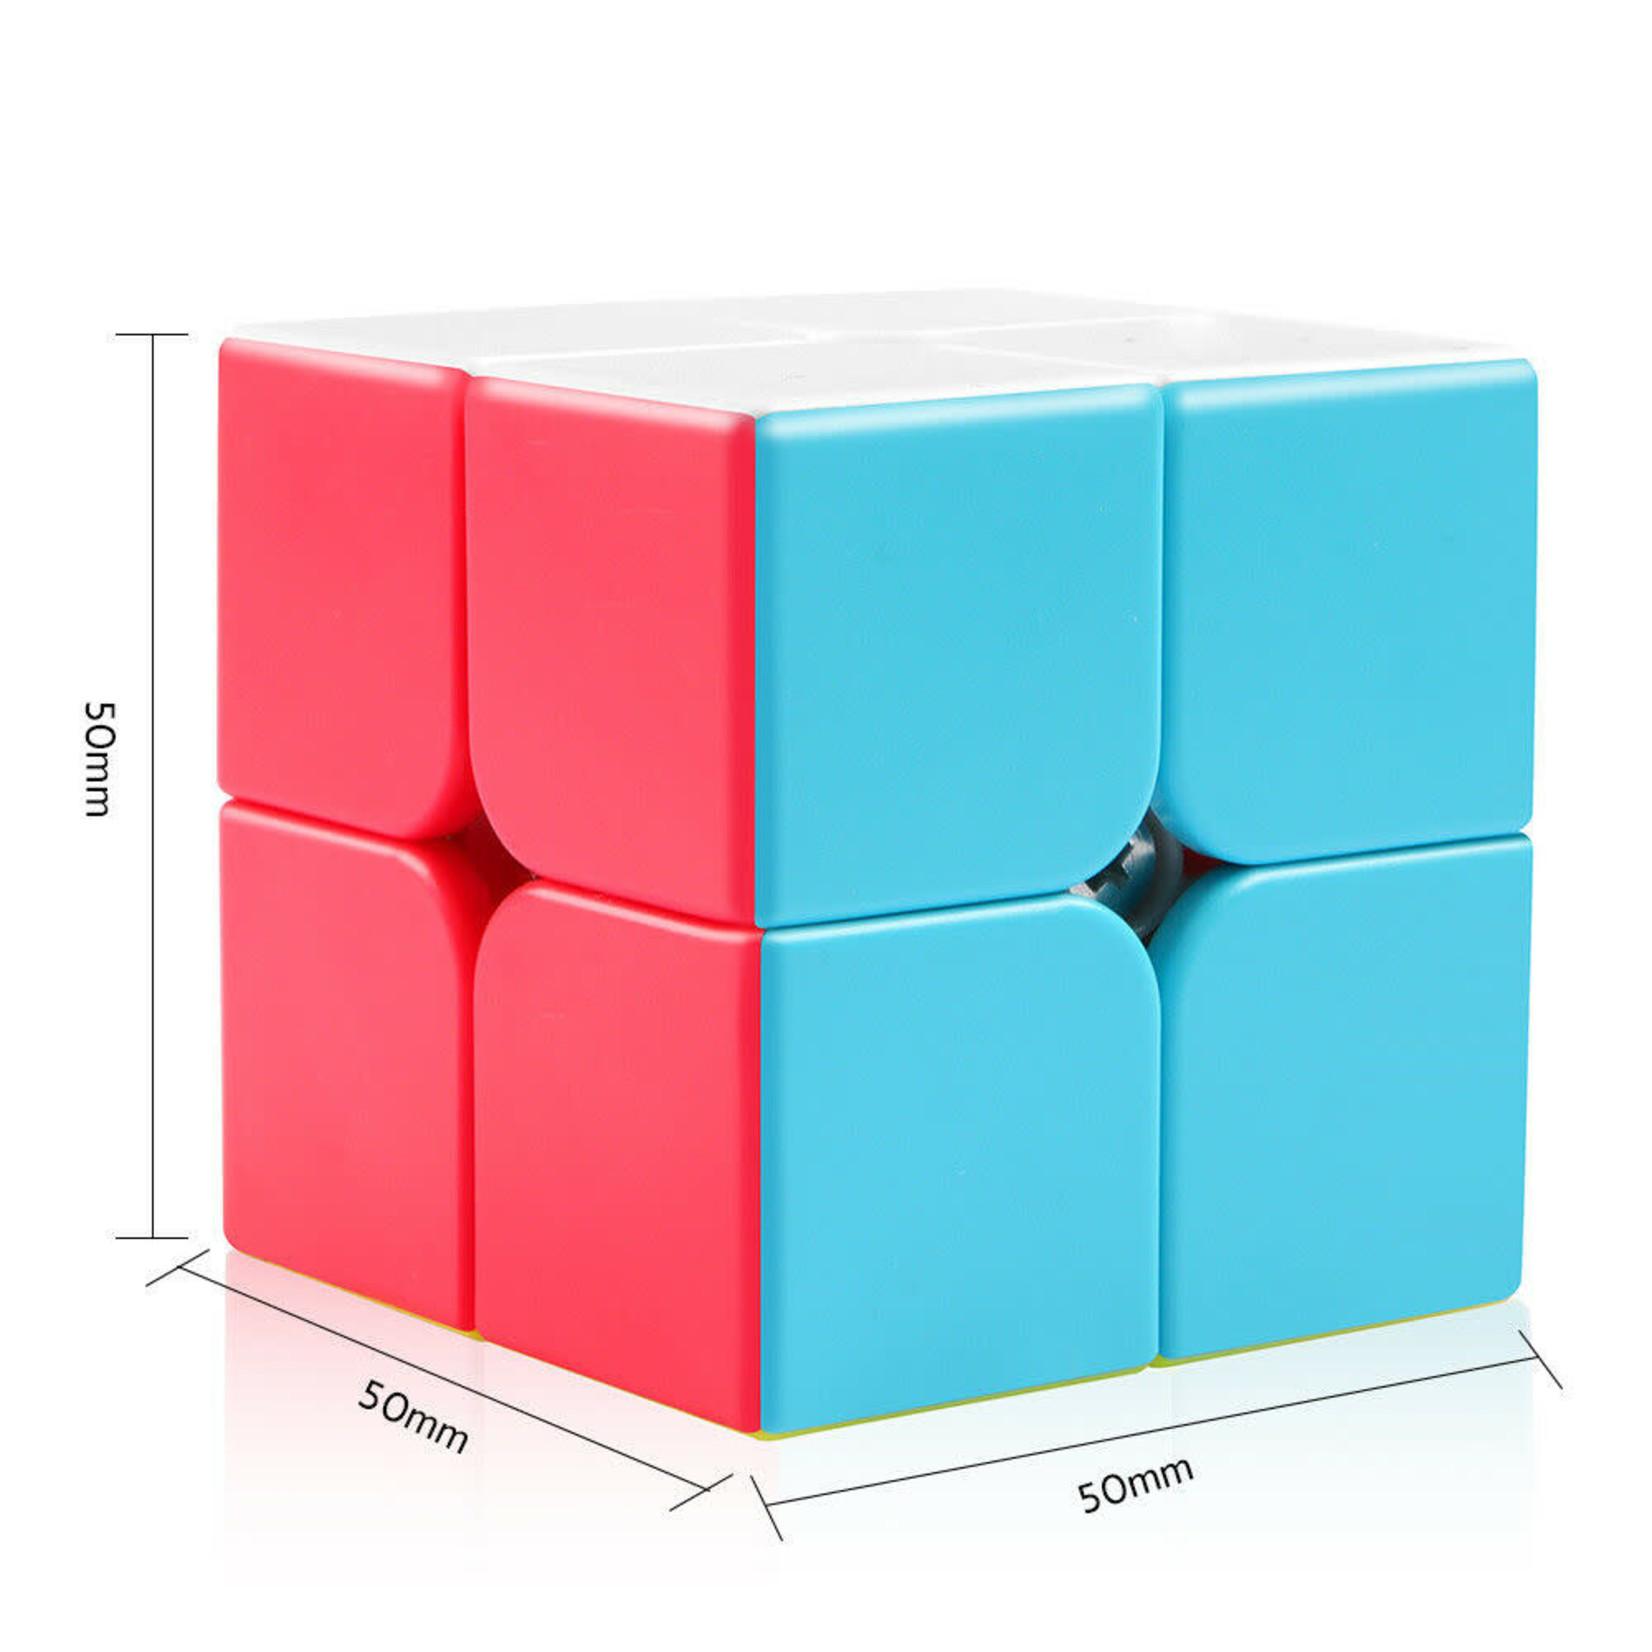 Speedcube 2x2 (QiYi)